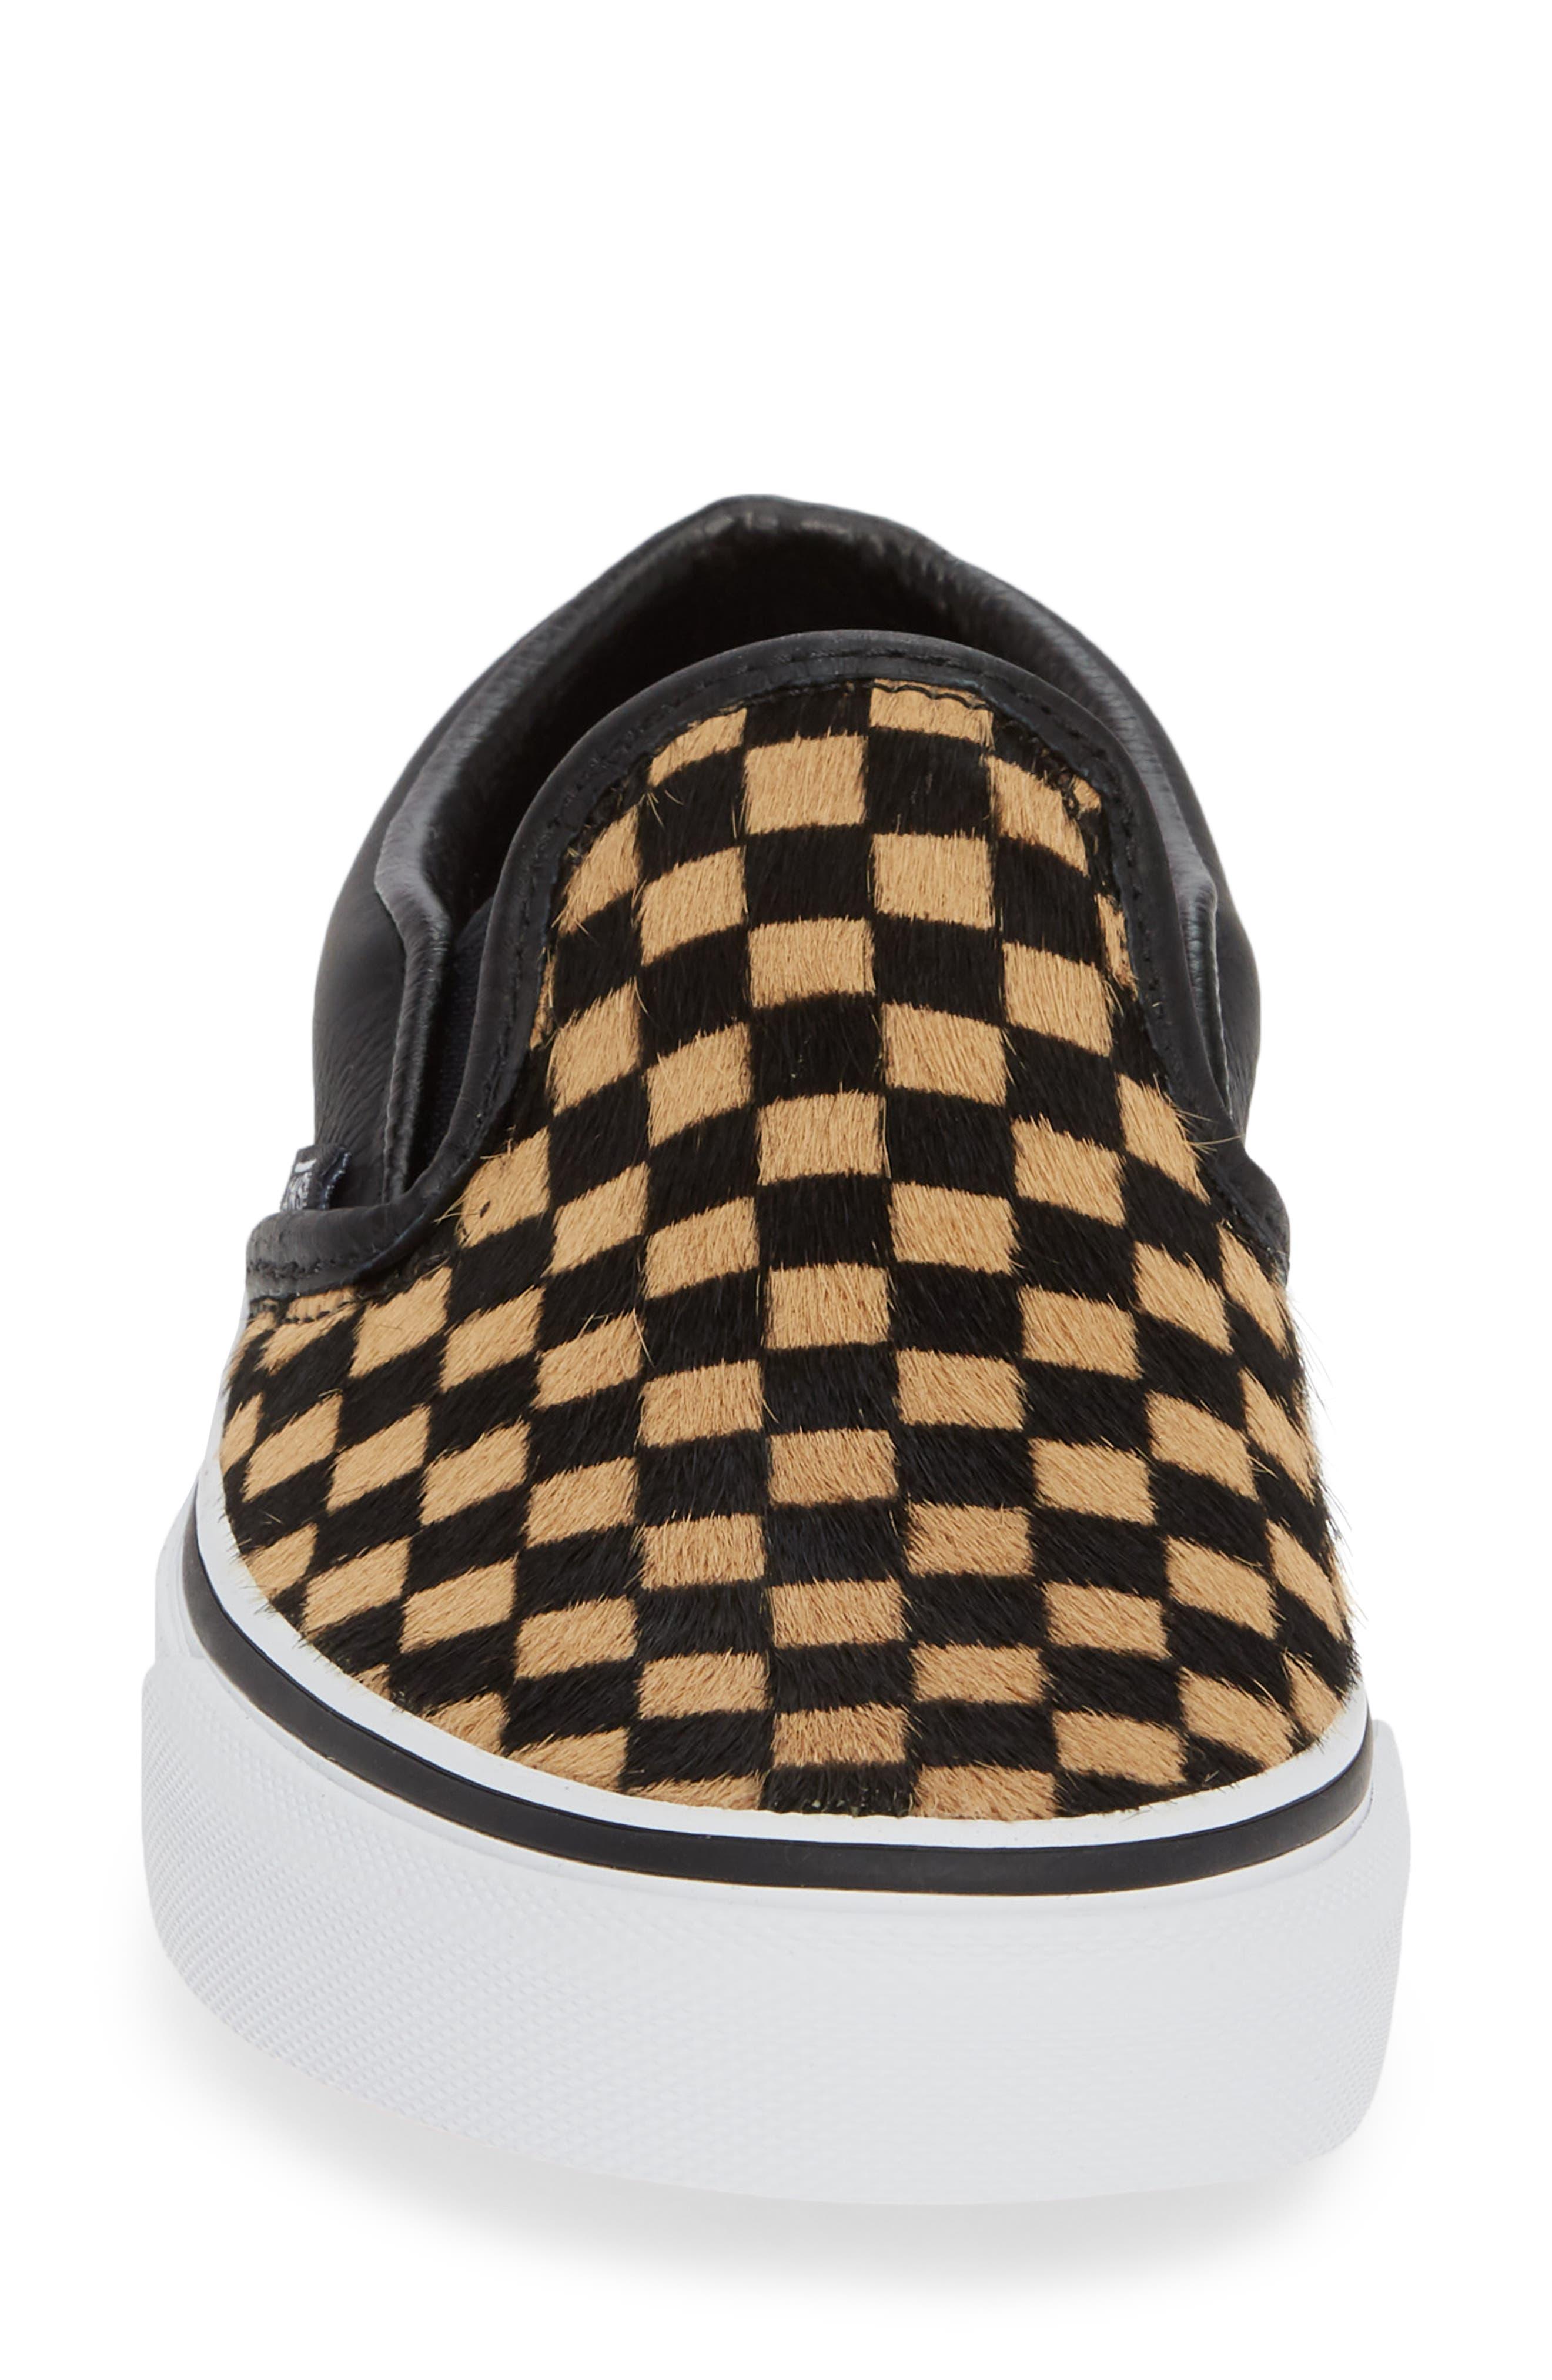 VANS,                             UA Classic Genuine Calf Hair Slip-On Sneaker,                             Alternate thumbnail 4, color,                             001